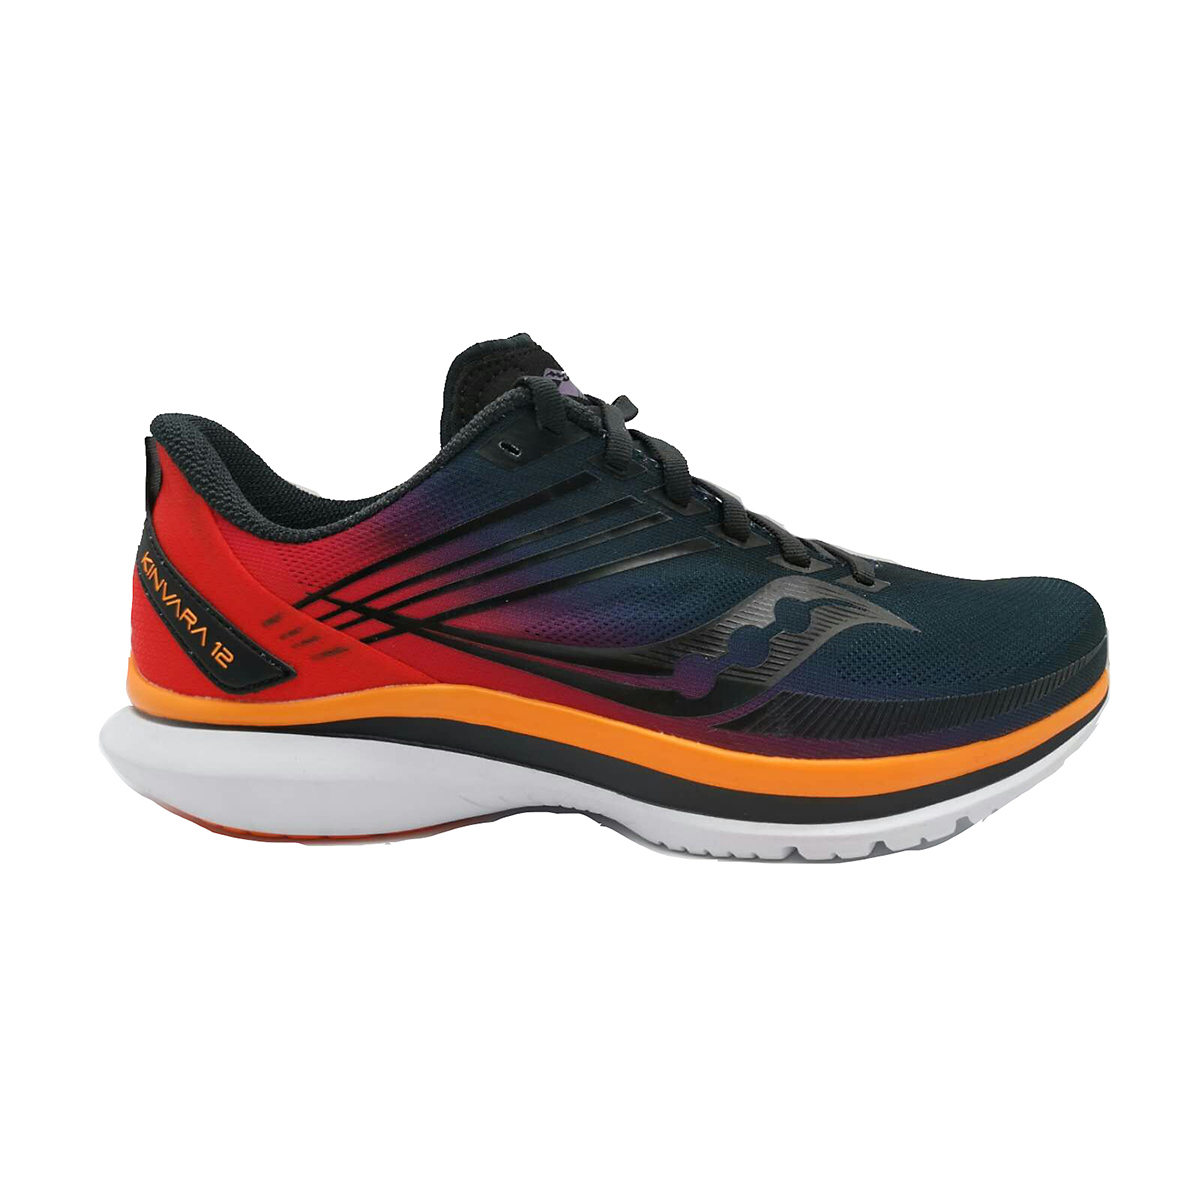 Men's Saucony Kinvara 12 Running Shoe - Color: Sunset - Size: 7 - Width: Regular, Sunset, large, image 1